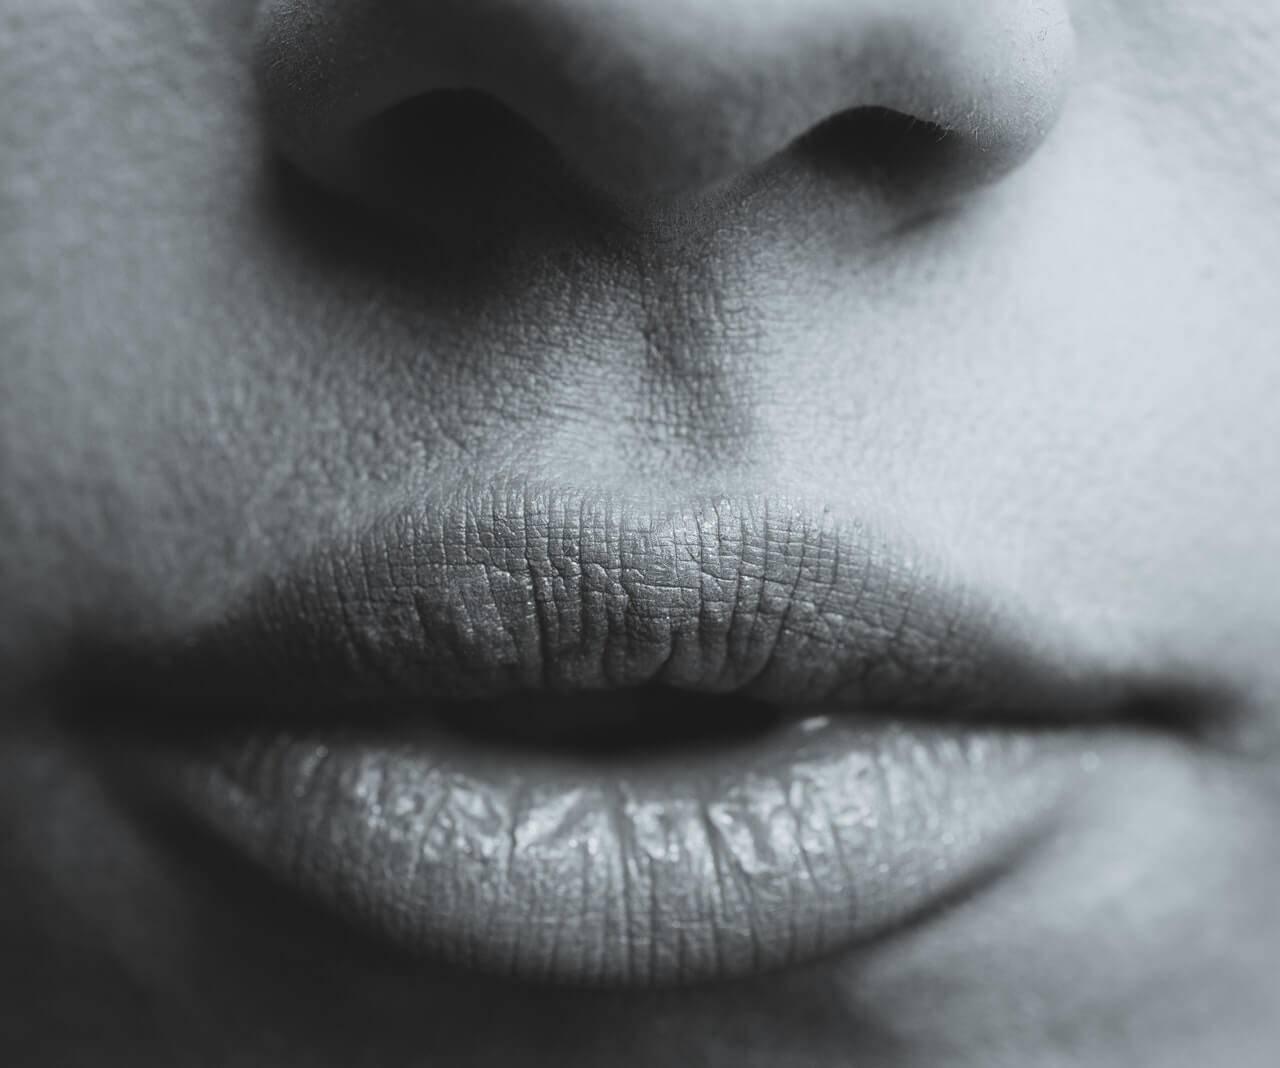 Está com a boca seca? Conheça 3 formas de evitar